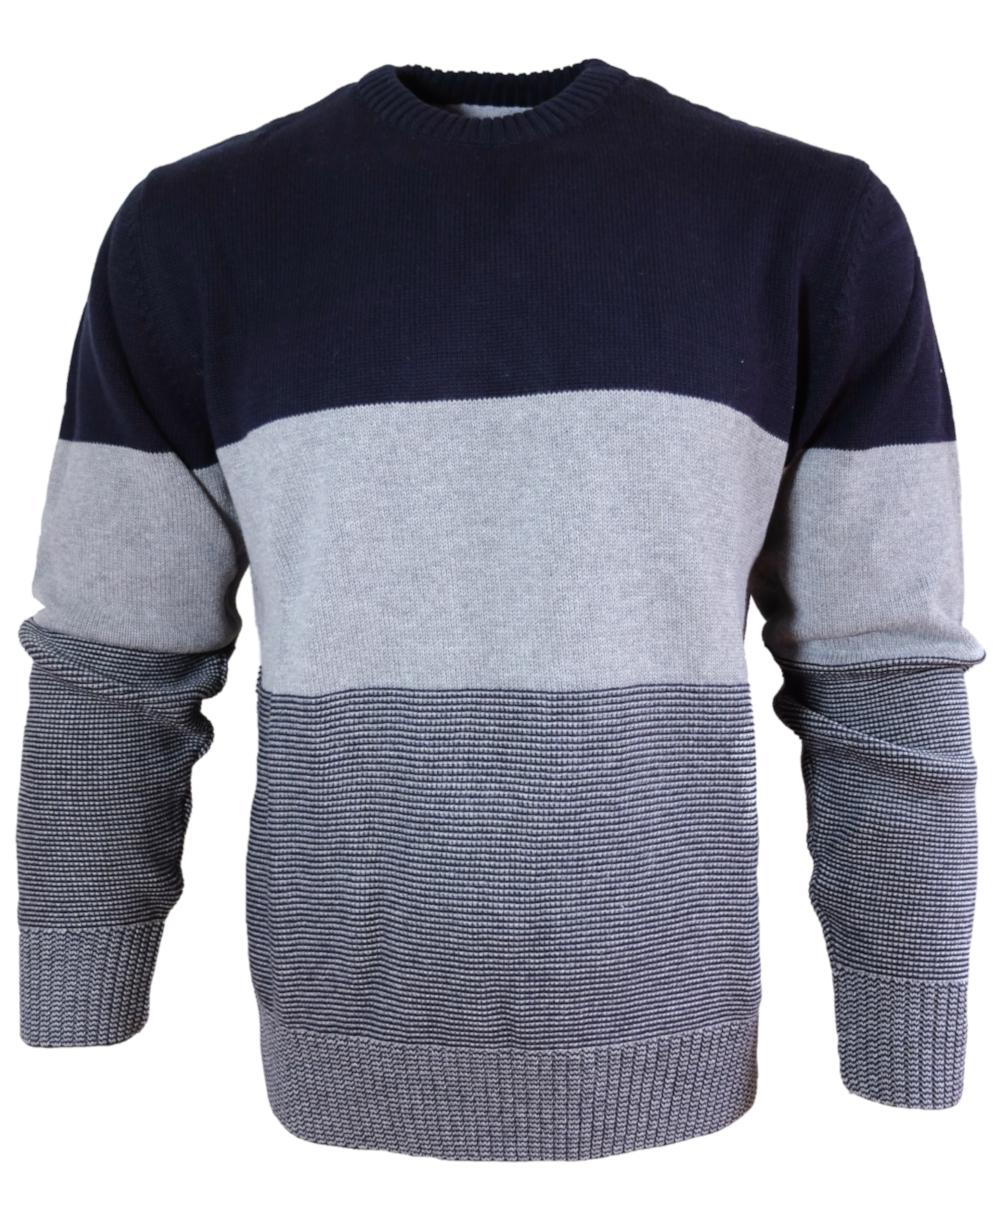 Original wählen Neuankömmling Luxus-Ästhetik Maselli Rundhals Strickpullover Luxury Cotton in dunkelblau grau 2948-624